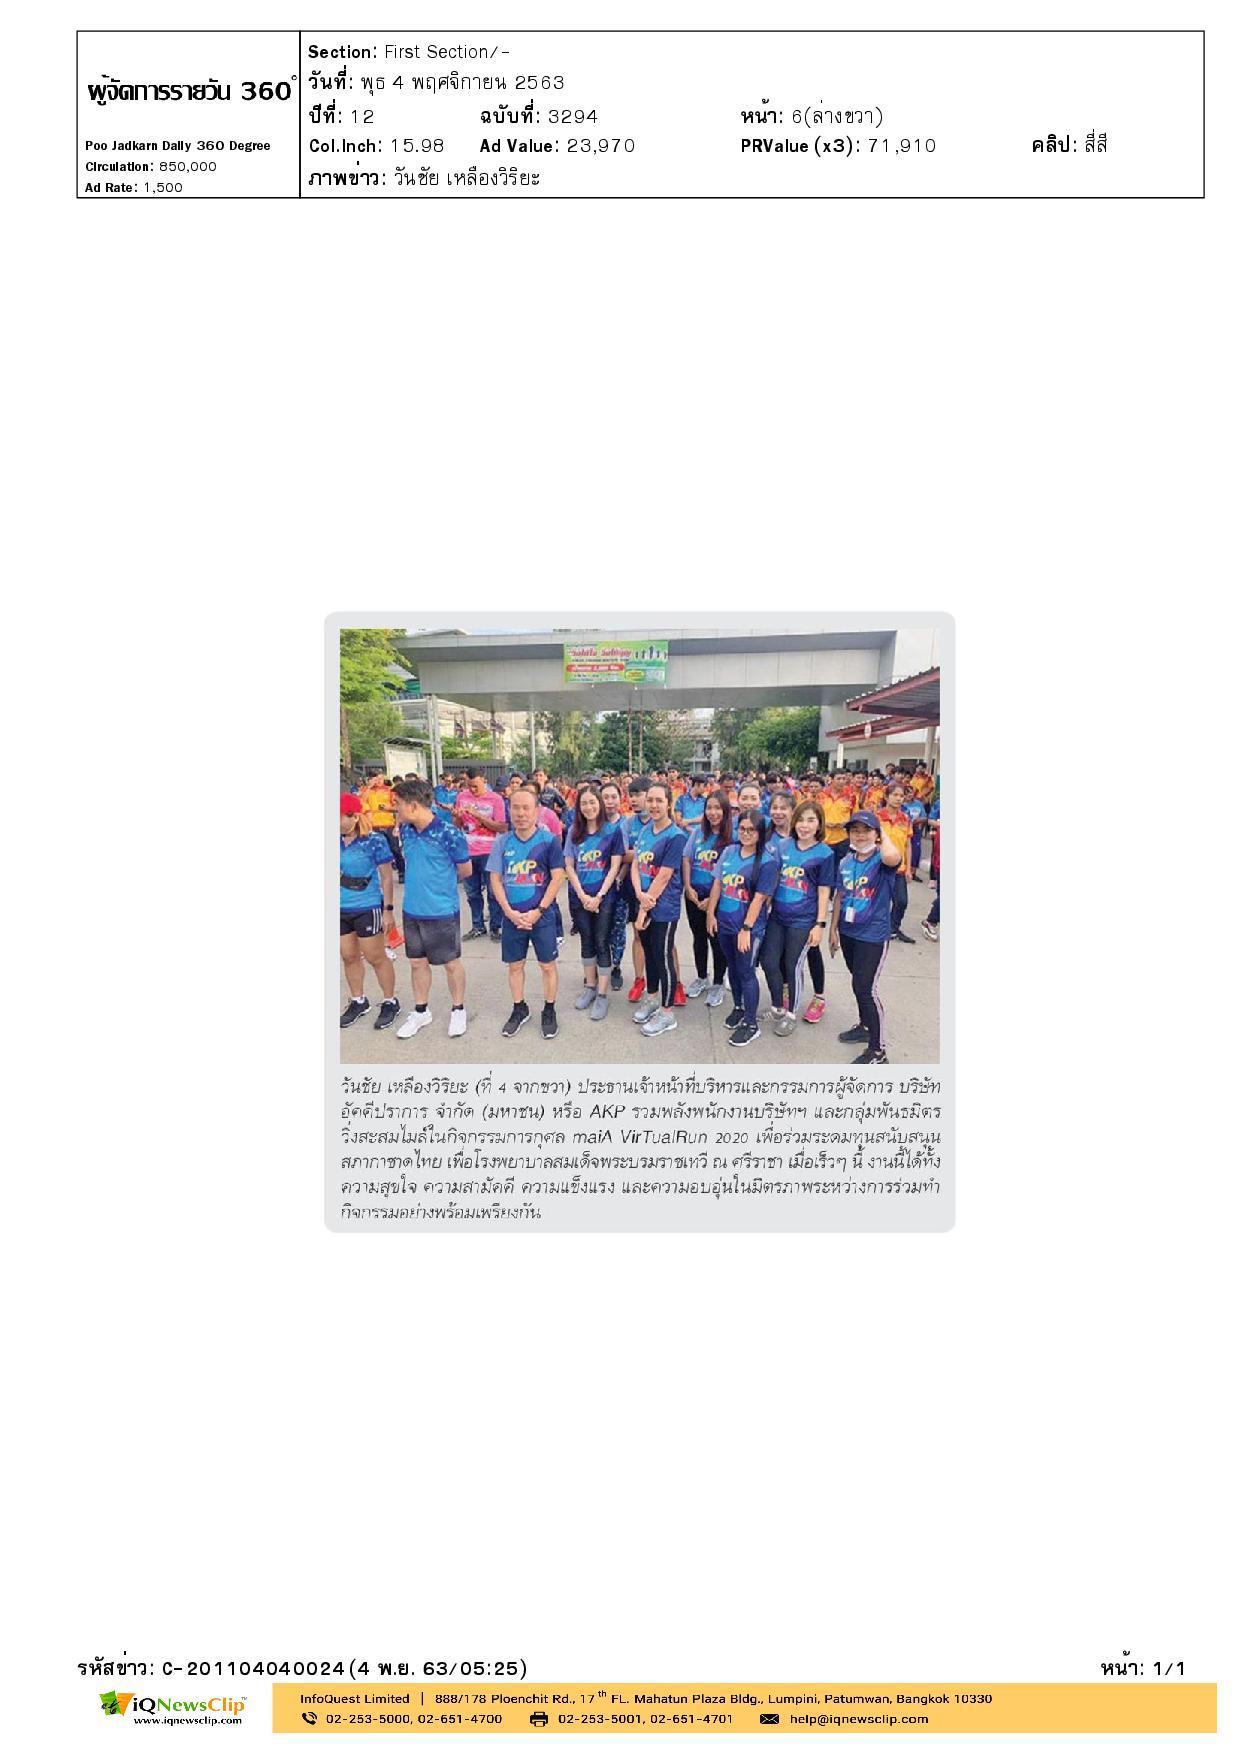 วิ่งการกุศล maiA VirTualRun 2020 เพื่อระดมทุนสนับสนุน รพ.สมเด็จฯ